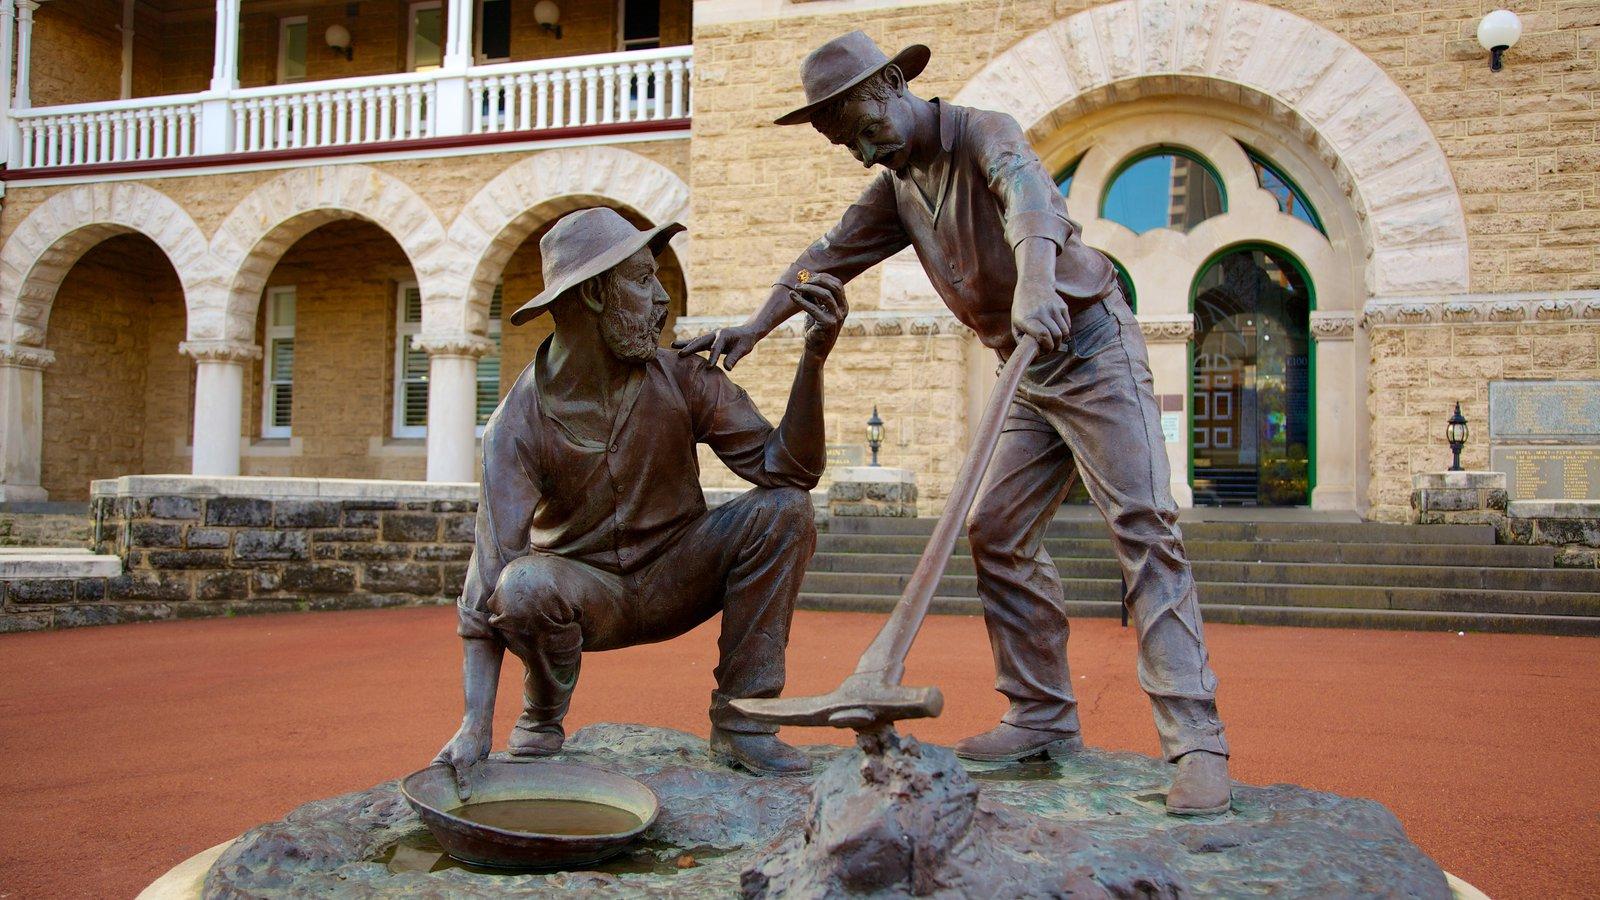 Perth Mint caracterizando arquitetura de patrimônio, um monumento e uma estátua ou escultura